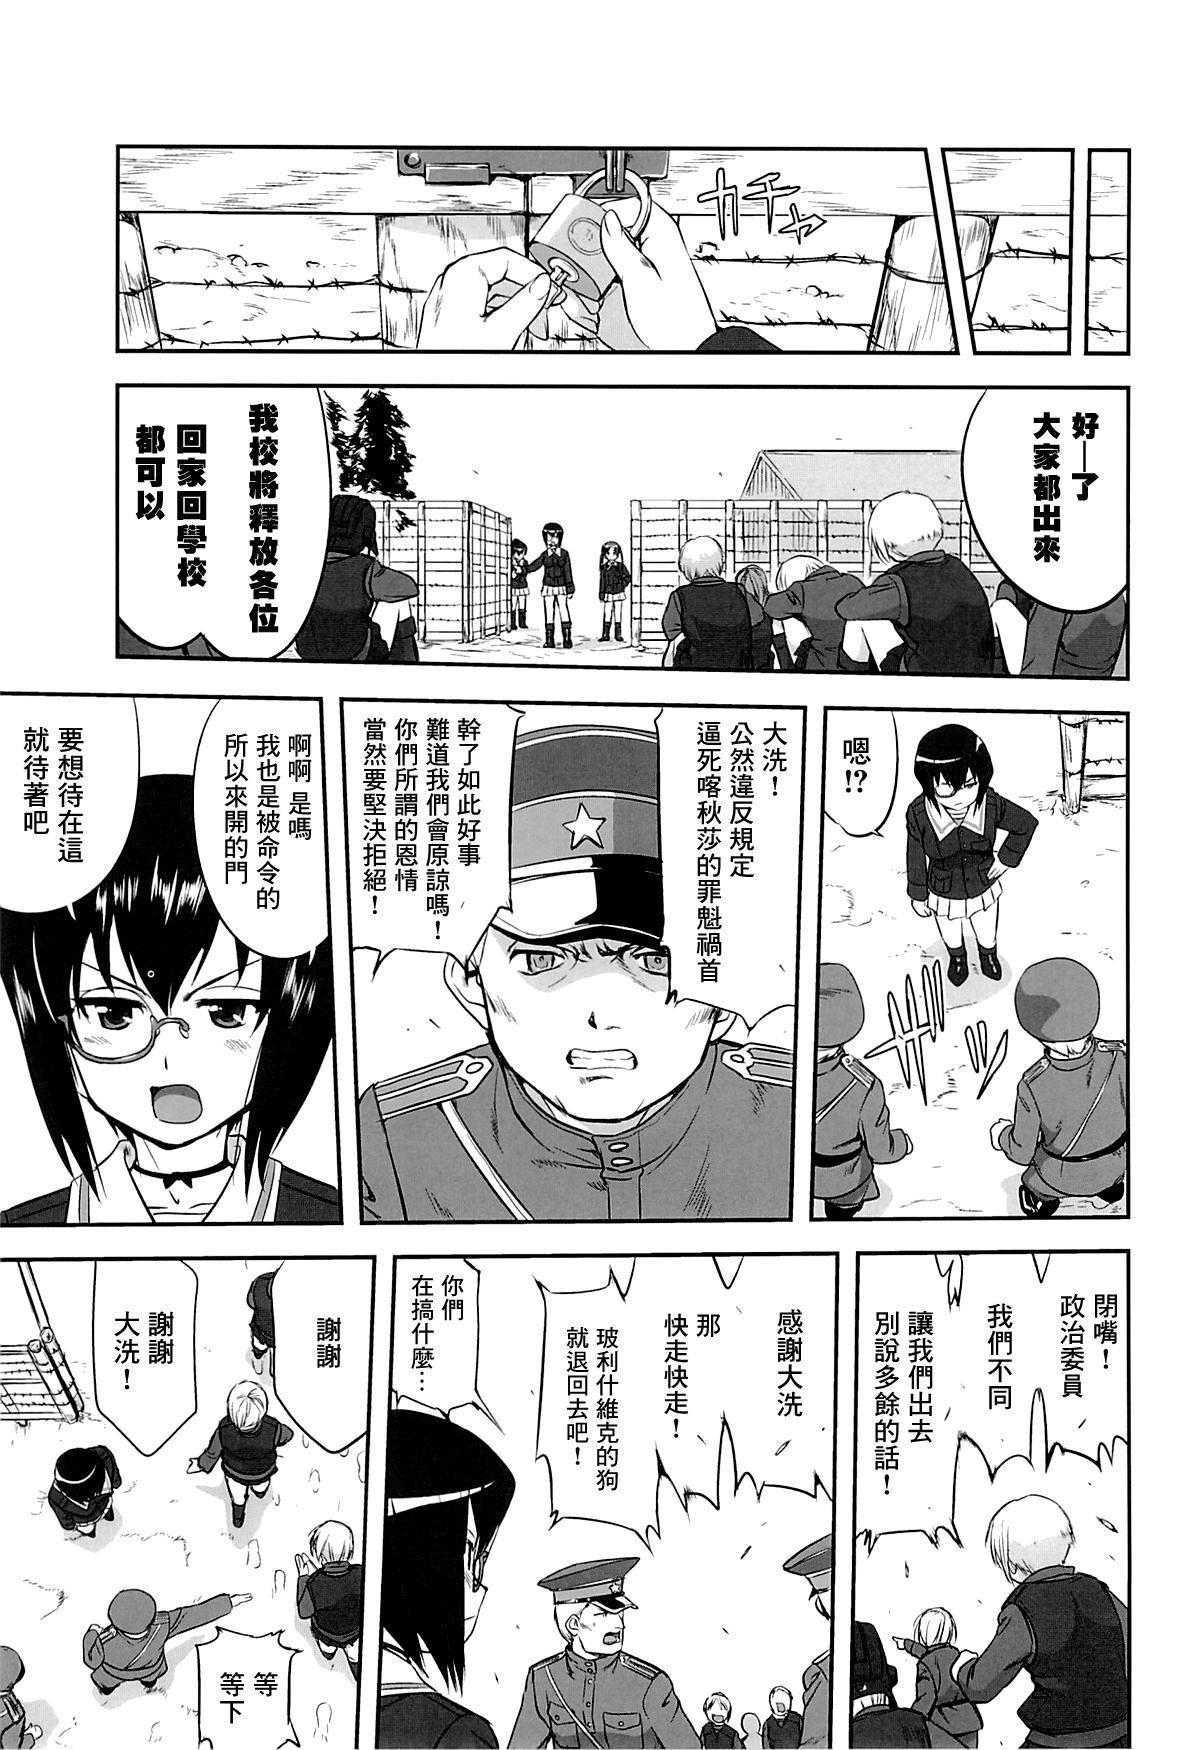 Yukiyukite Senshadou Kuromorimine no Tatakai 7